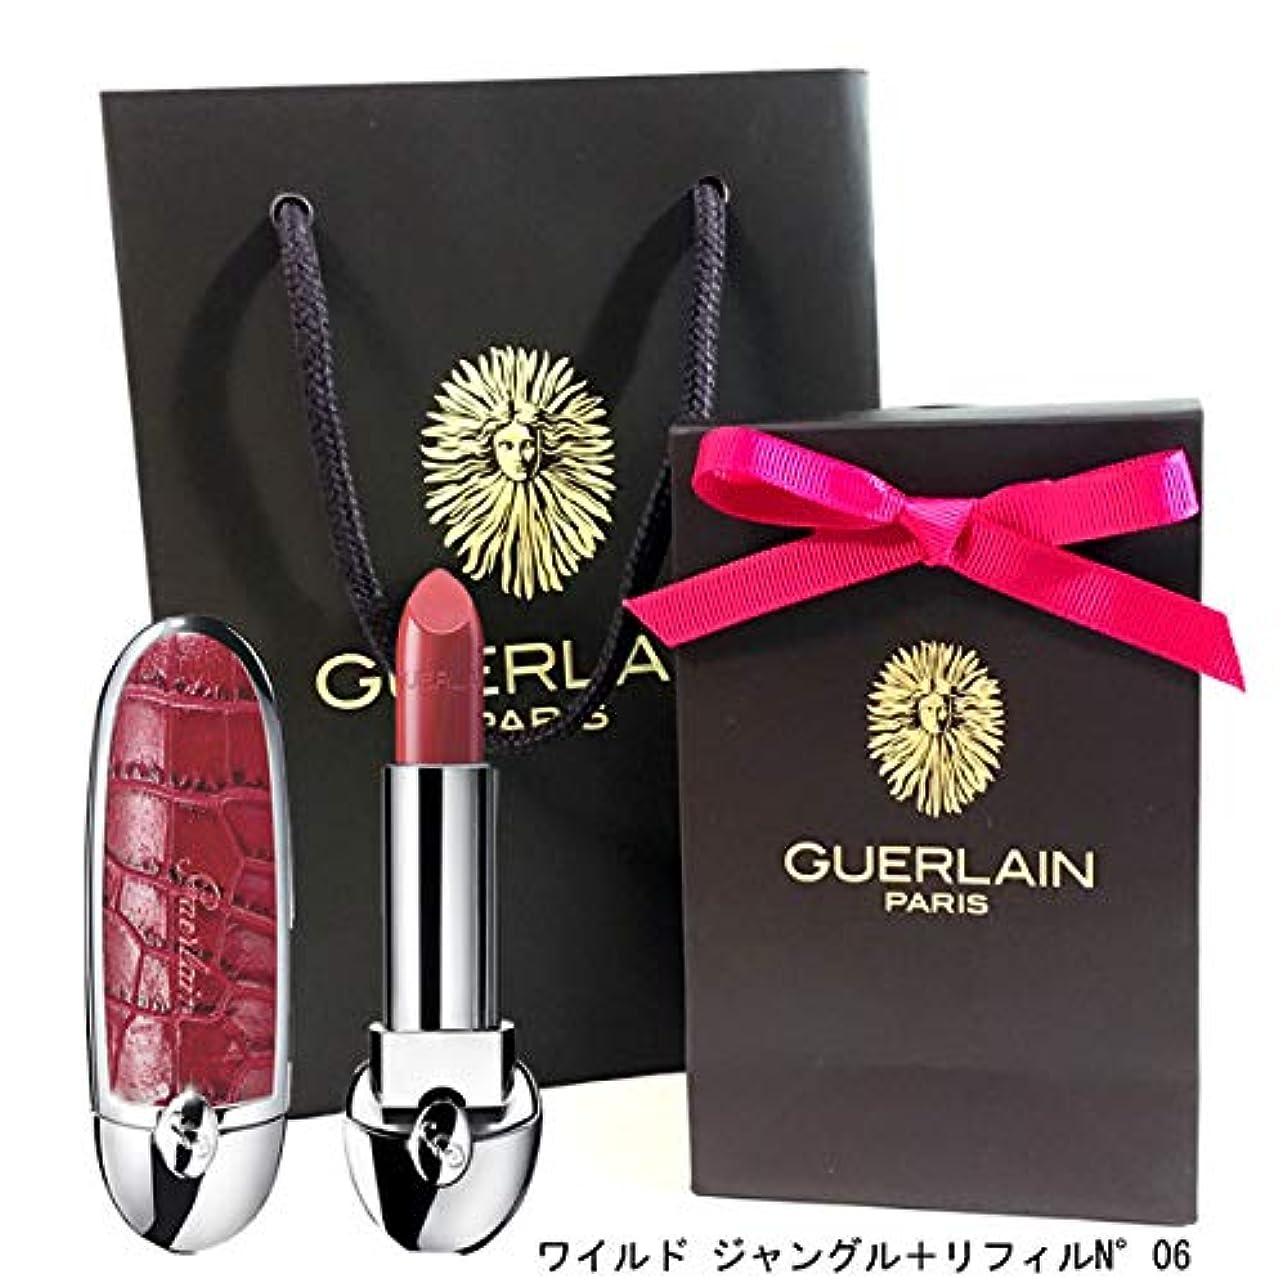 GUERLAIN(ゲラン)ルージュ ジェ リフィル N°06 + 選べるルージュ ジェ ケース ギフトセット (ワイルド ジャングル)